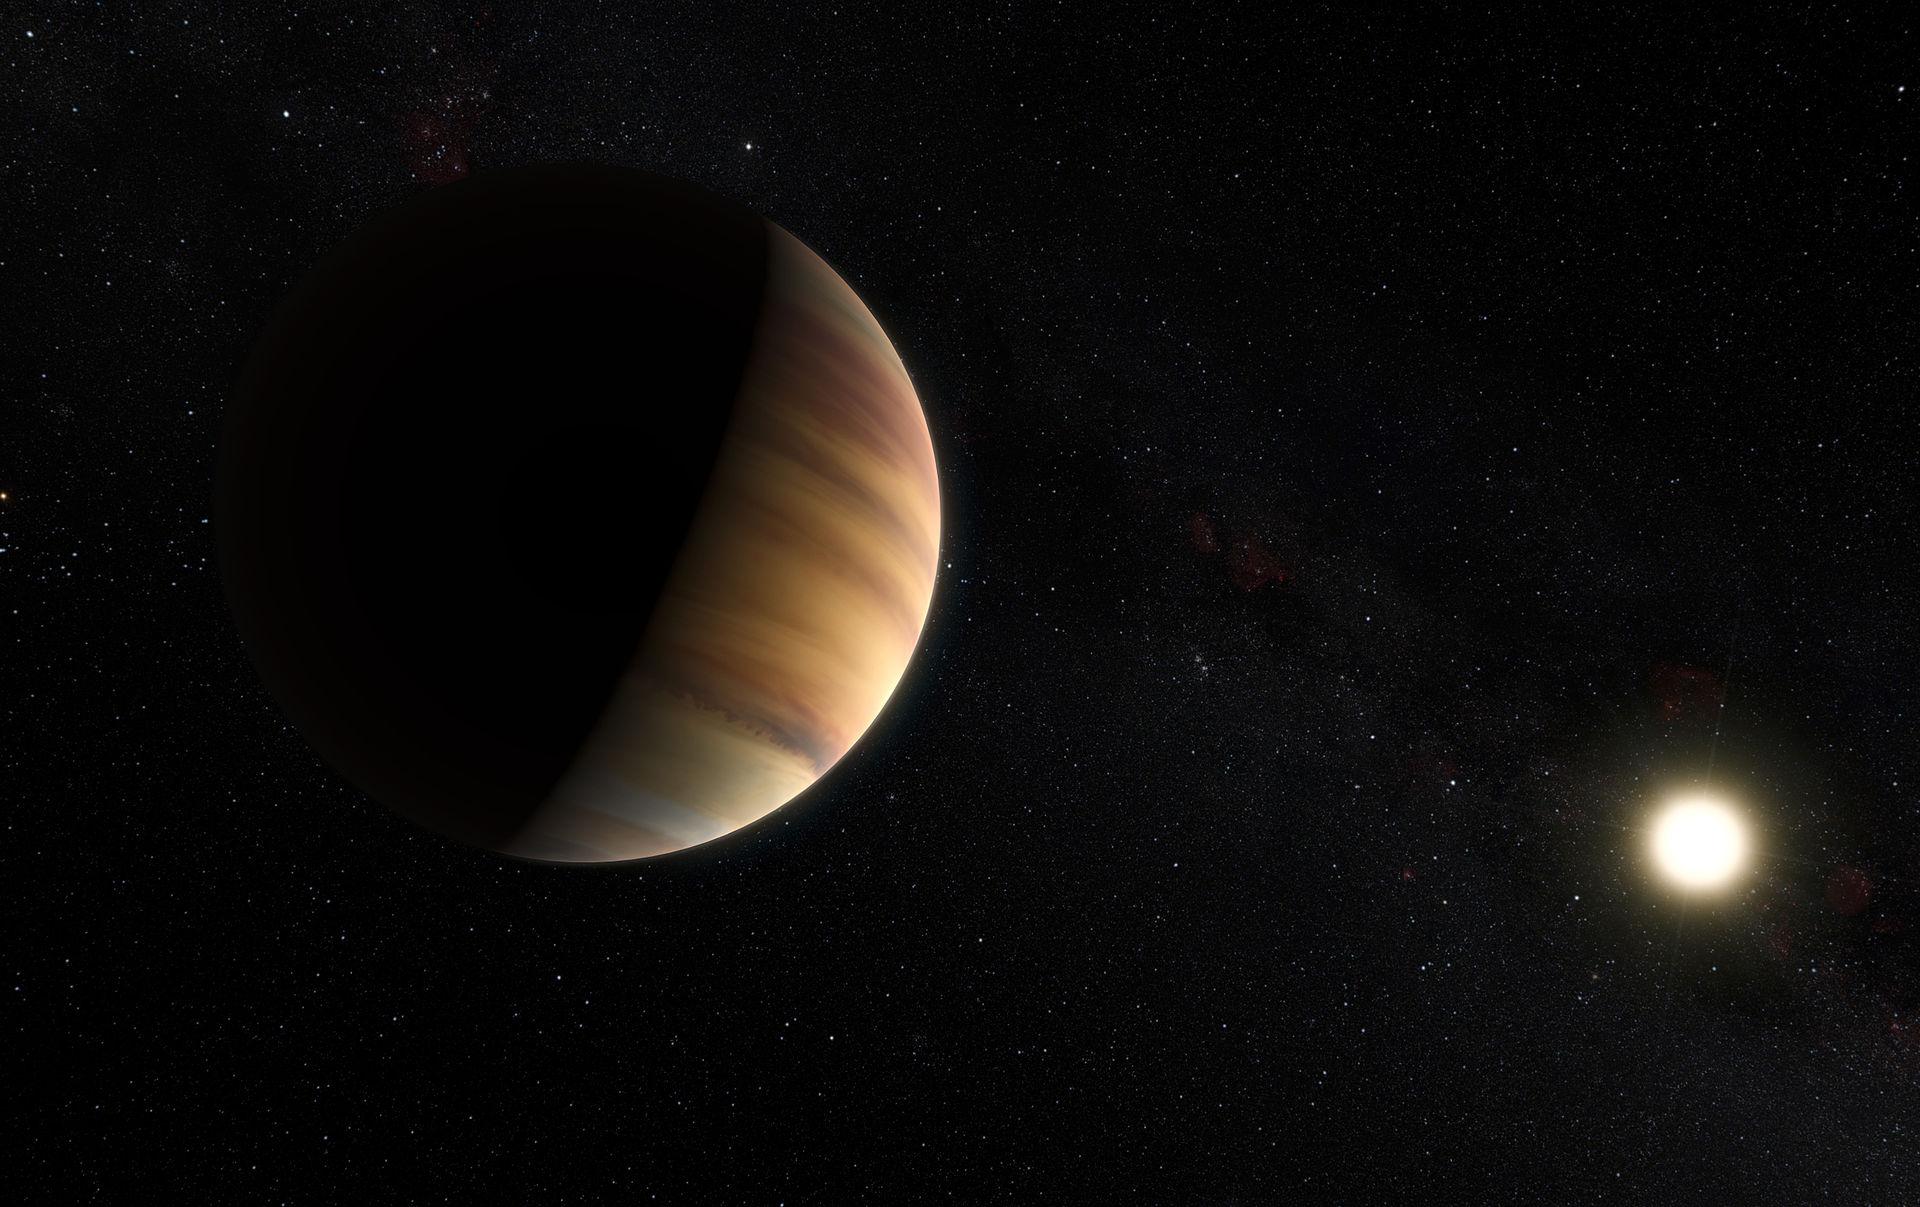 图7-系外行星飞马座51b和它的主星的艺术想象图.jpg